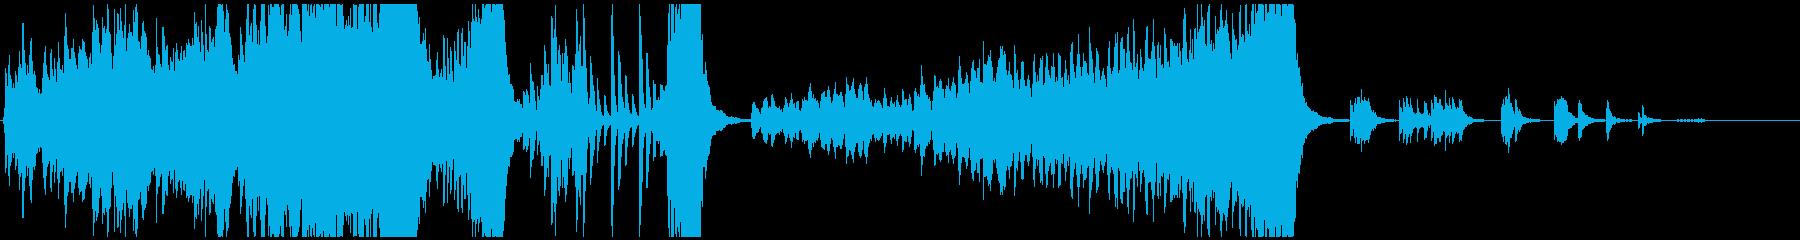 変拍子と転調のあるオーケストラ曲の再生済みの波形